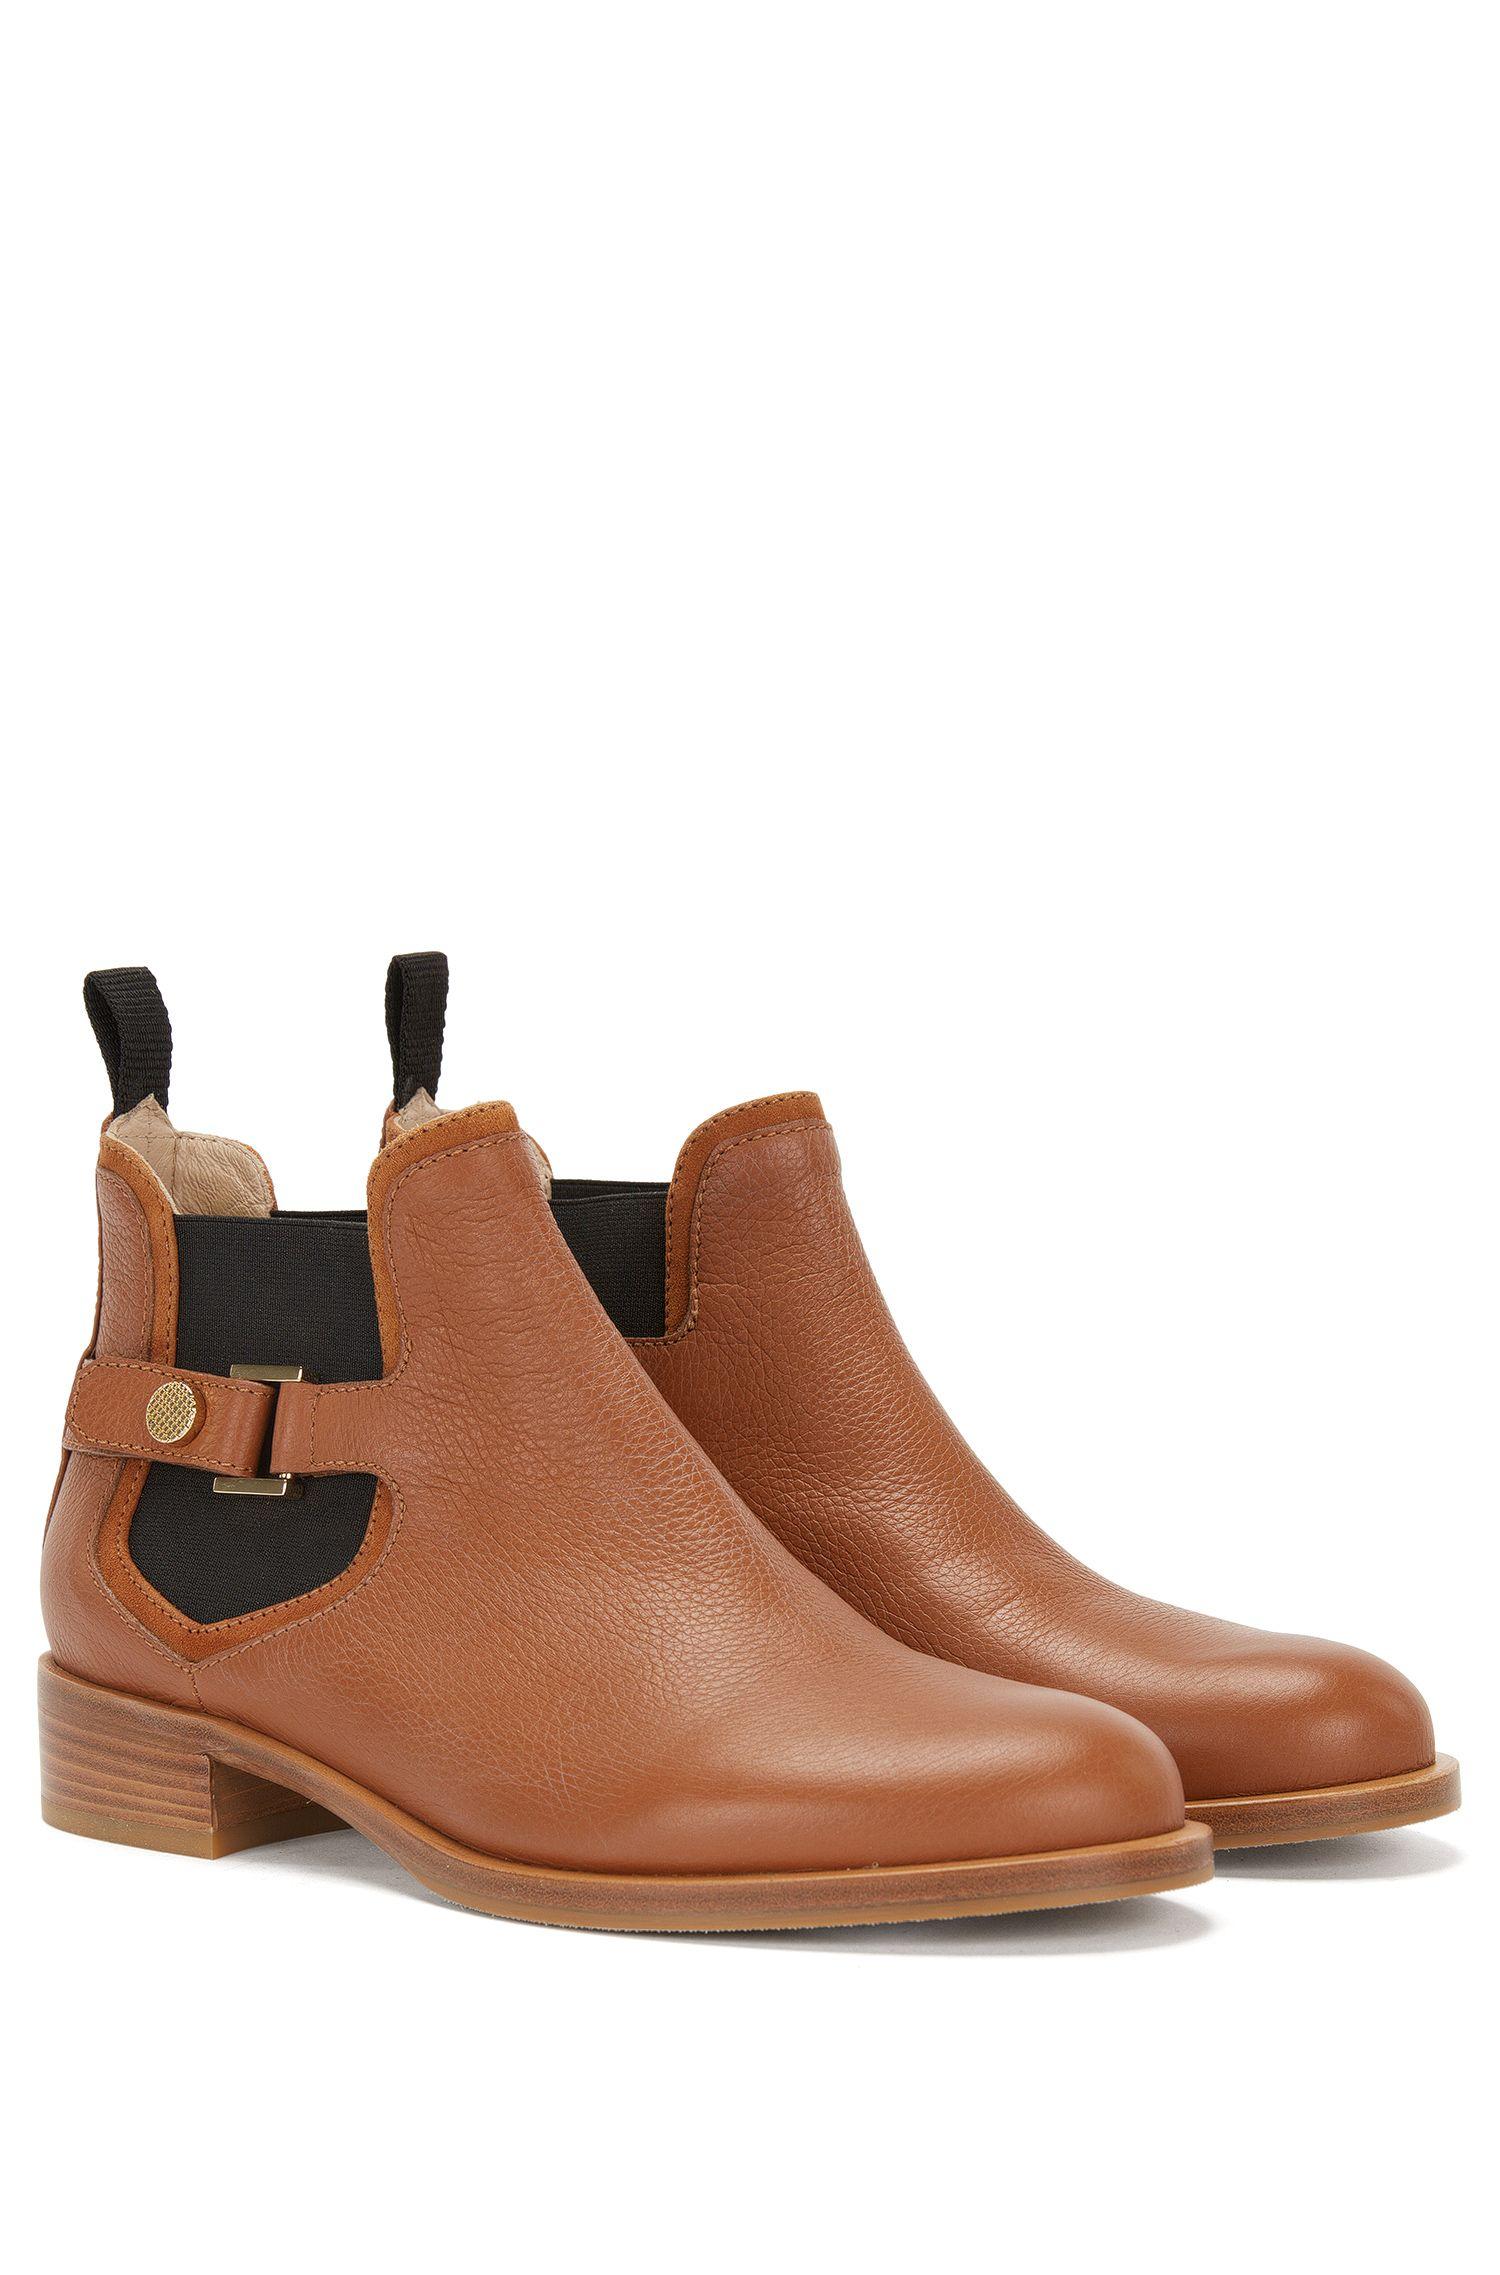 Boots aus Leder mit dekorativem Riegel-Detail: 'Eddy-G'